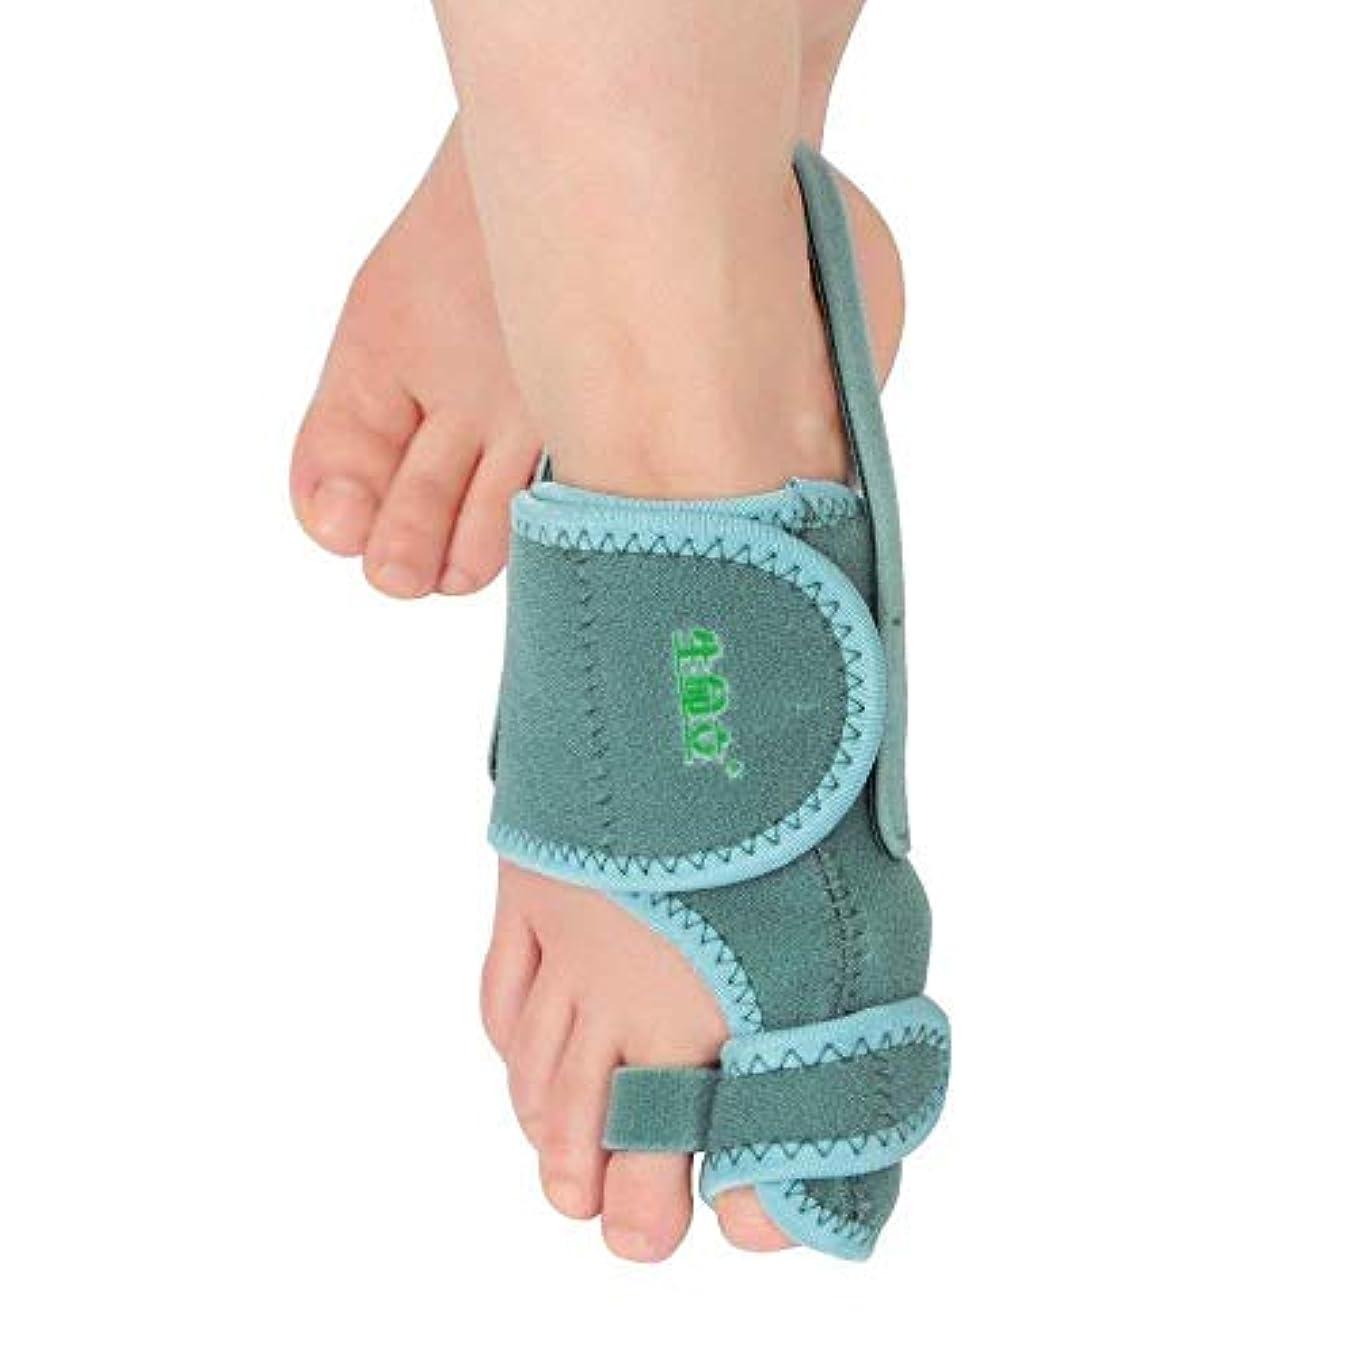 クモ汚染排気外反母ortho装具、女性と男性の足の親指の矯正用セパレーターの腱膜瘤緩和のための夜間親指つま先外反,Left Foot